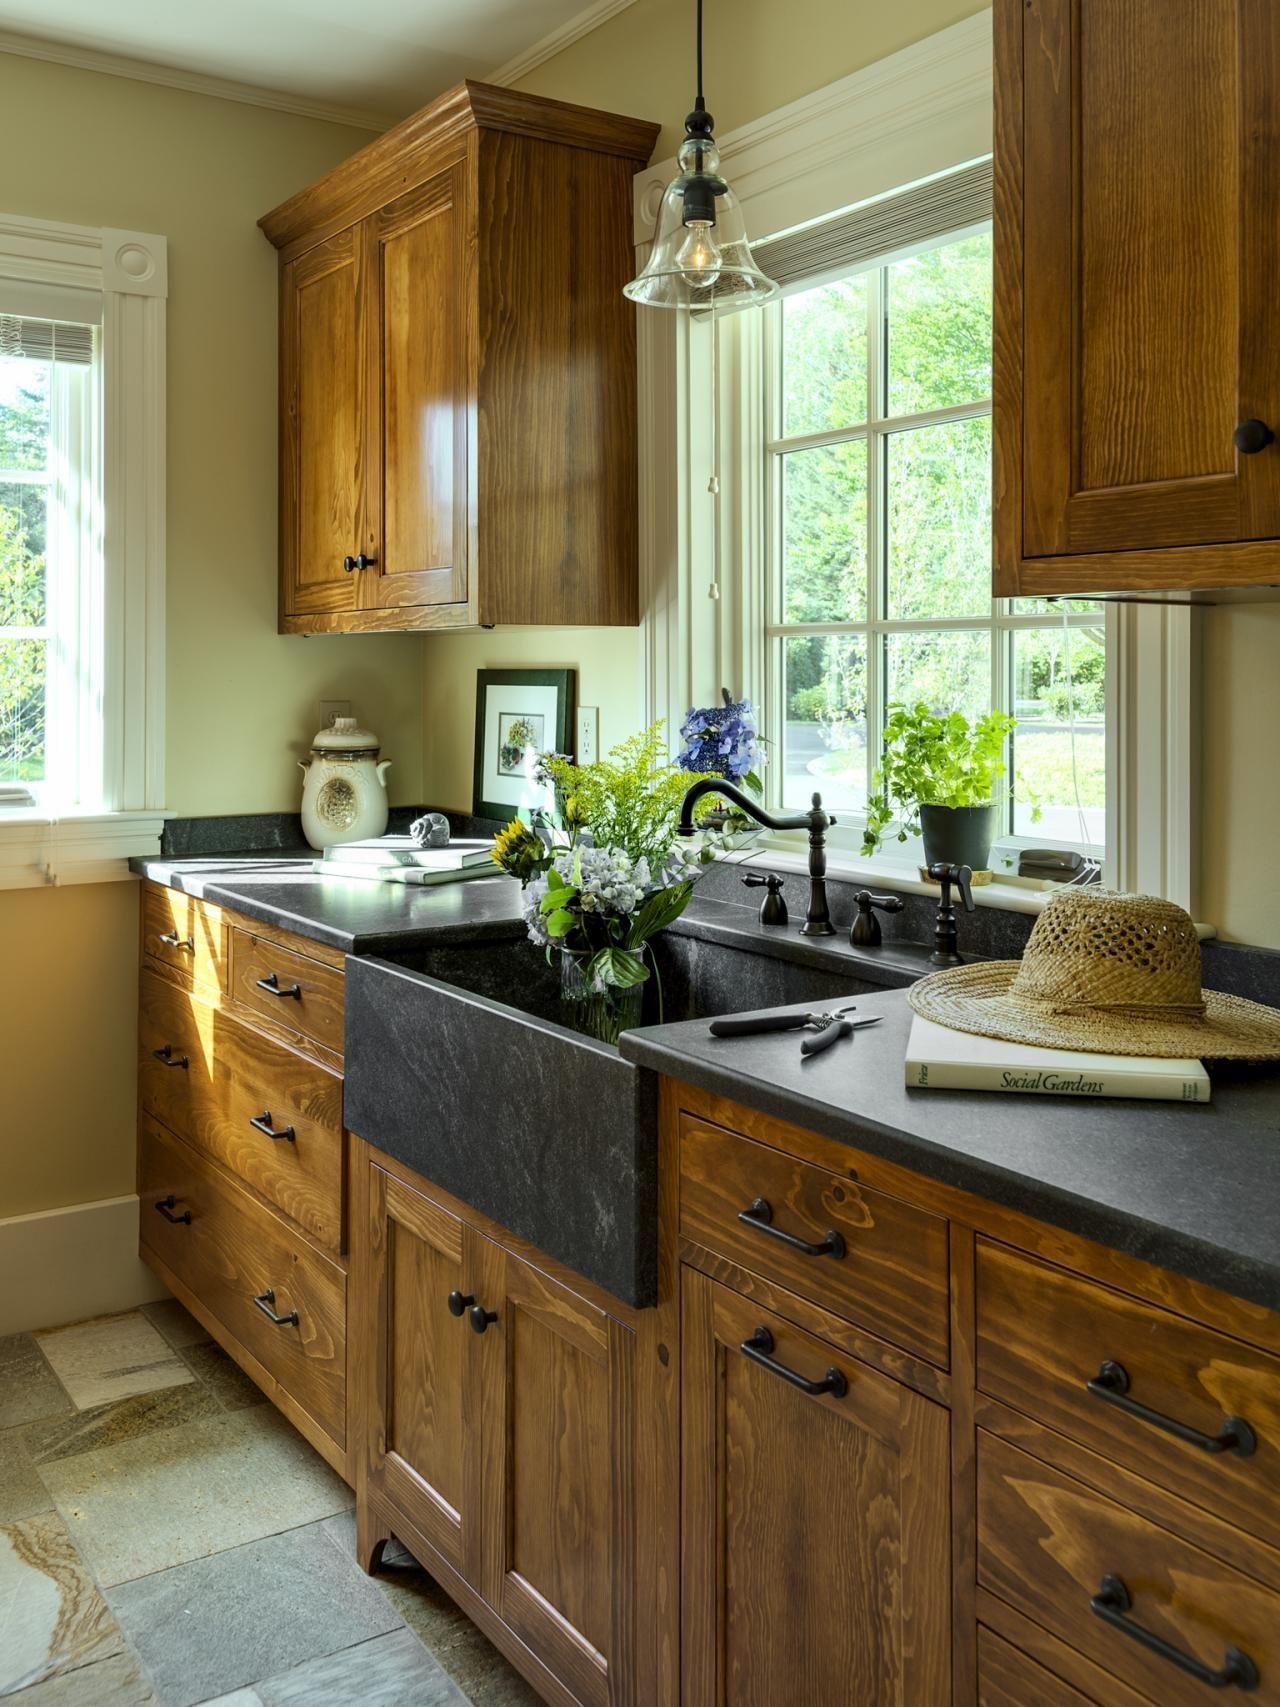 Best of in 2014 Cottage style kitchen, Kitchen